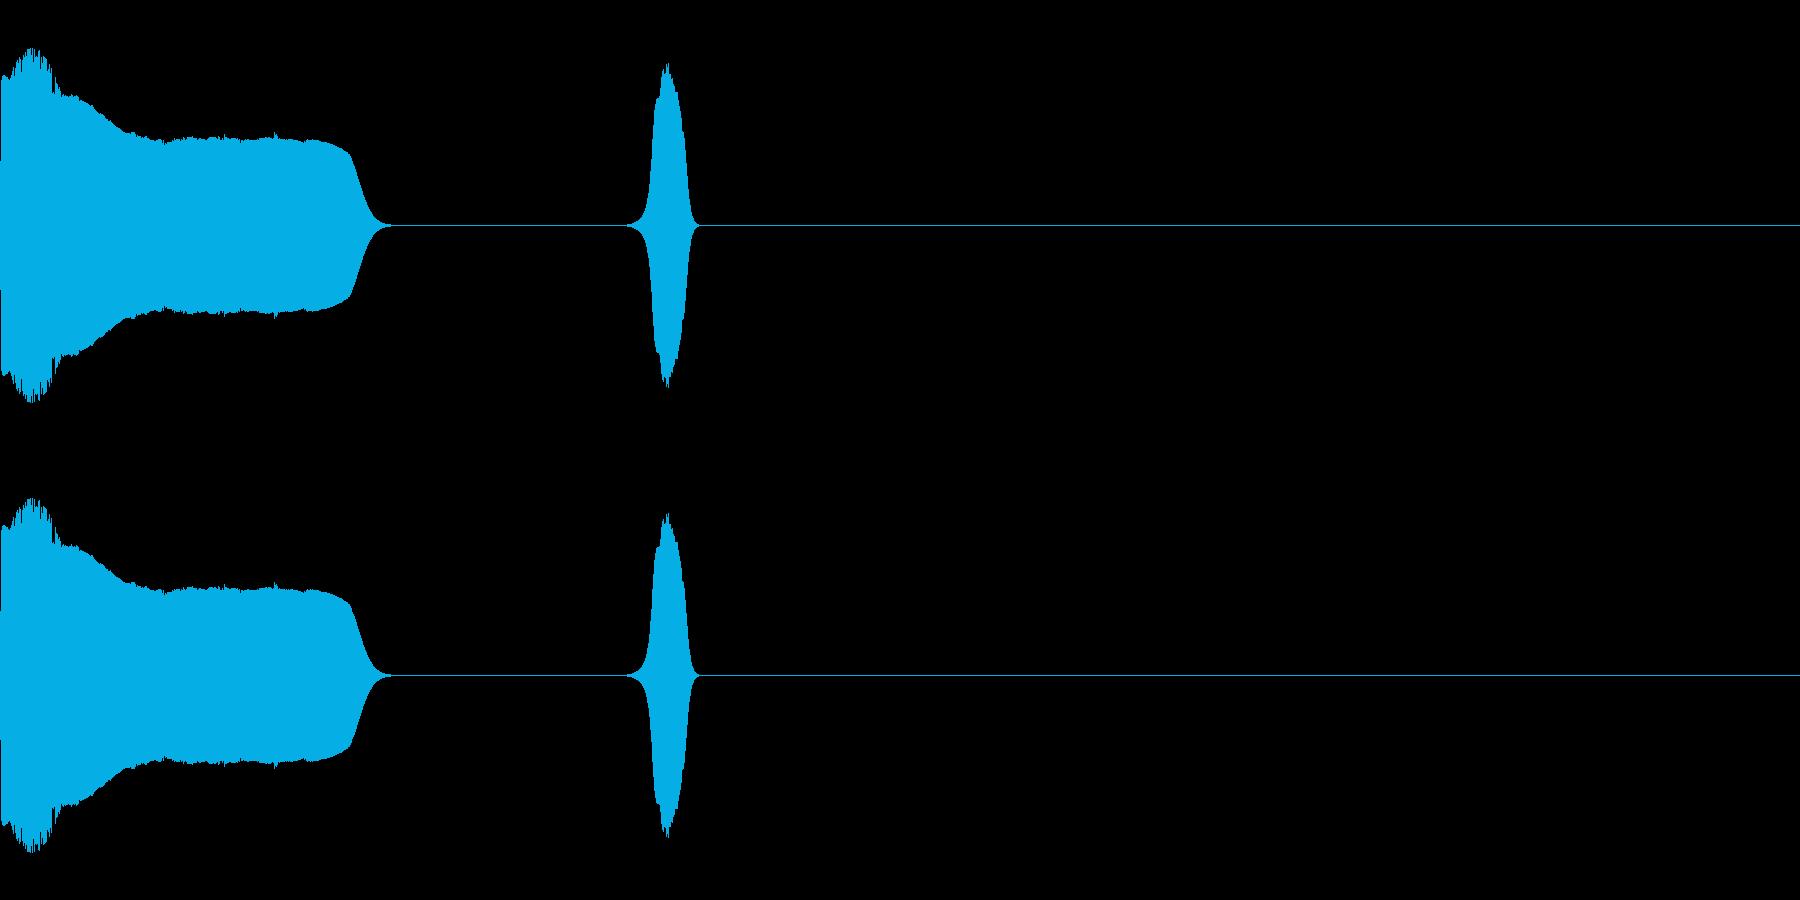 ジャンプして投げる音の再生済みの波形